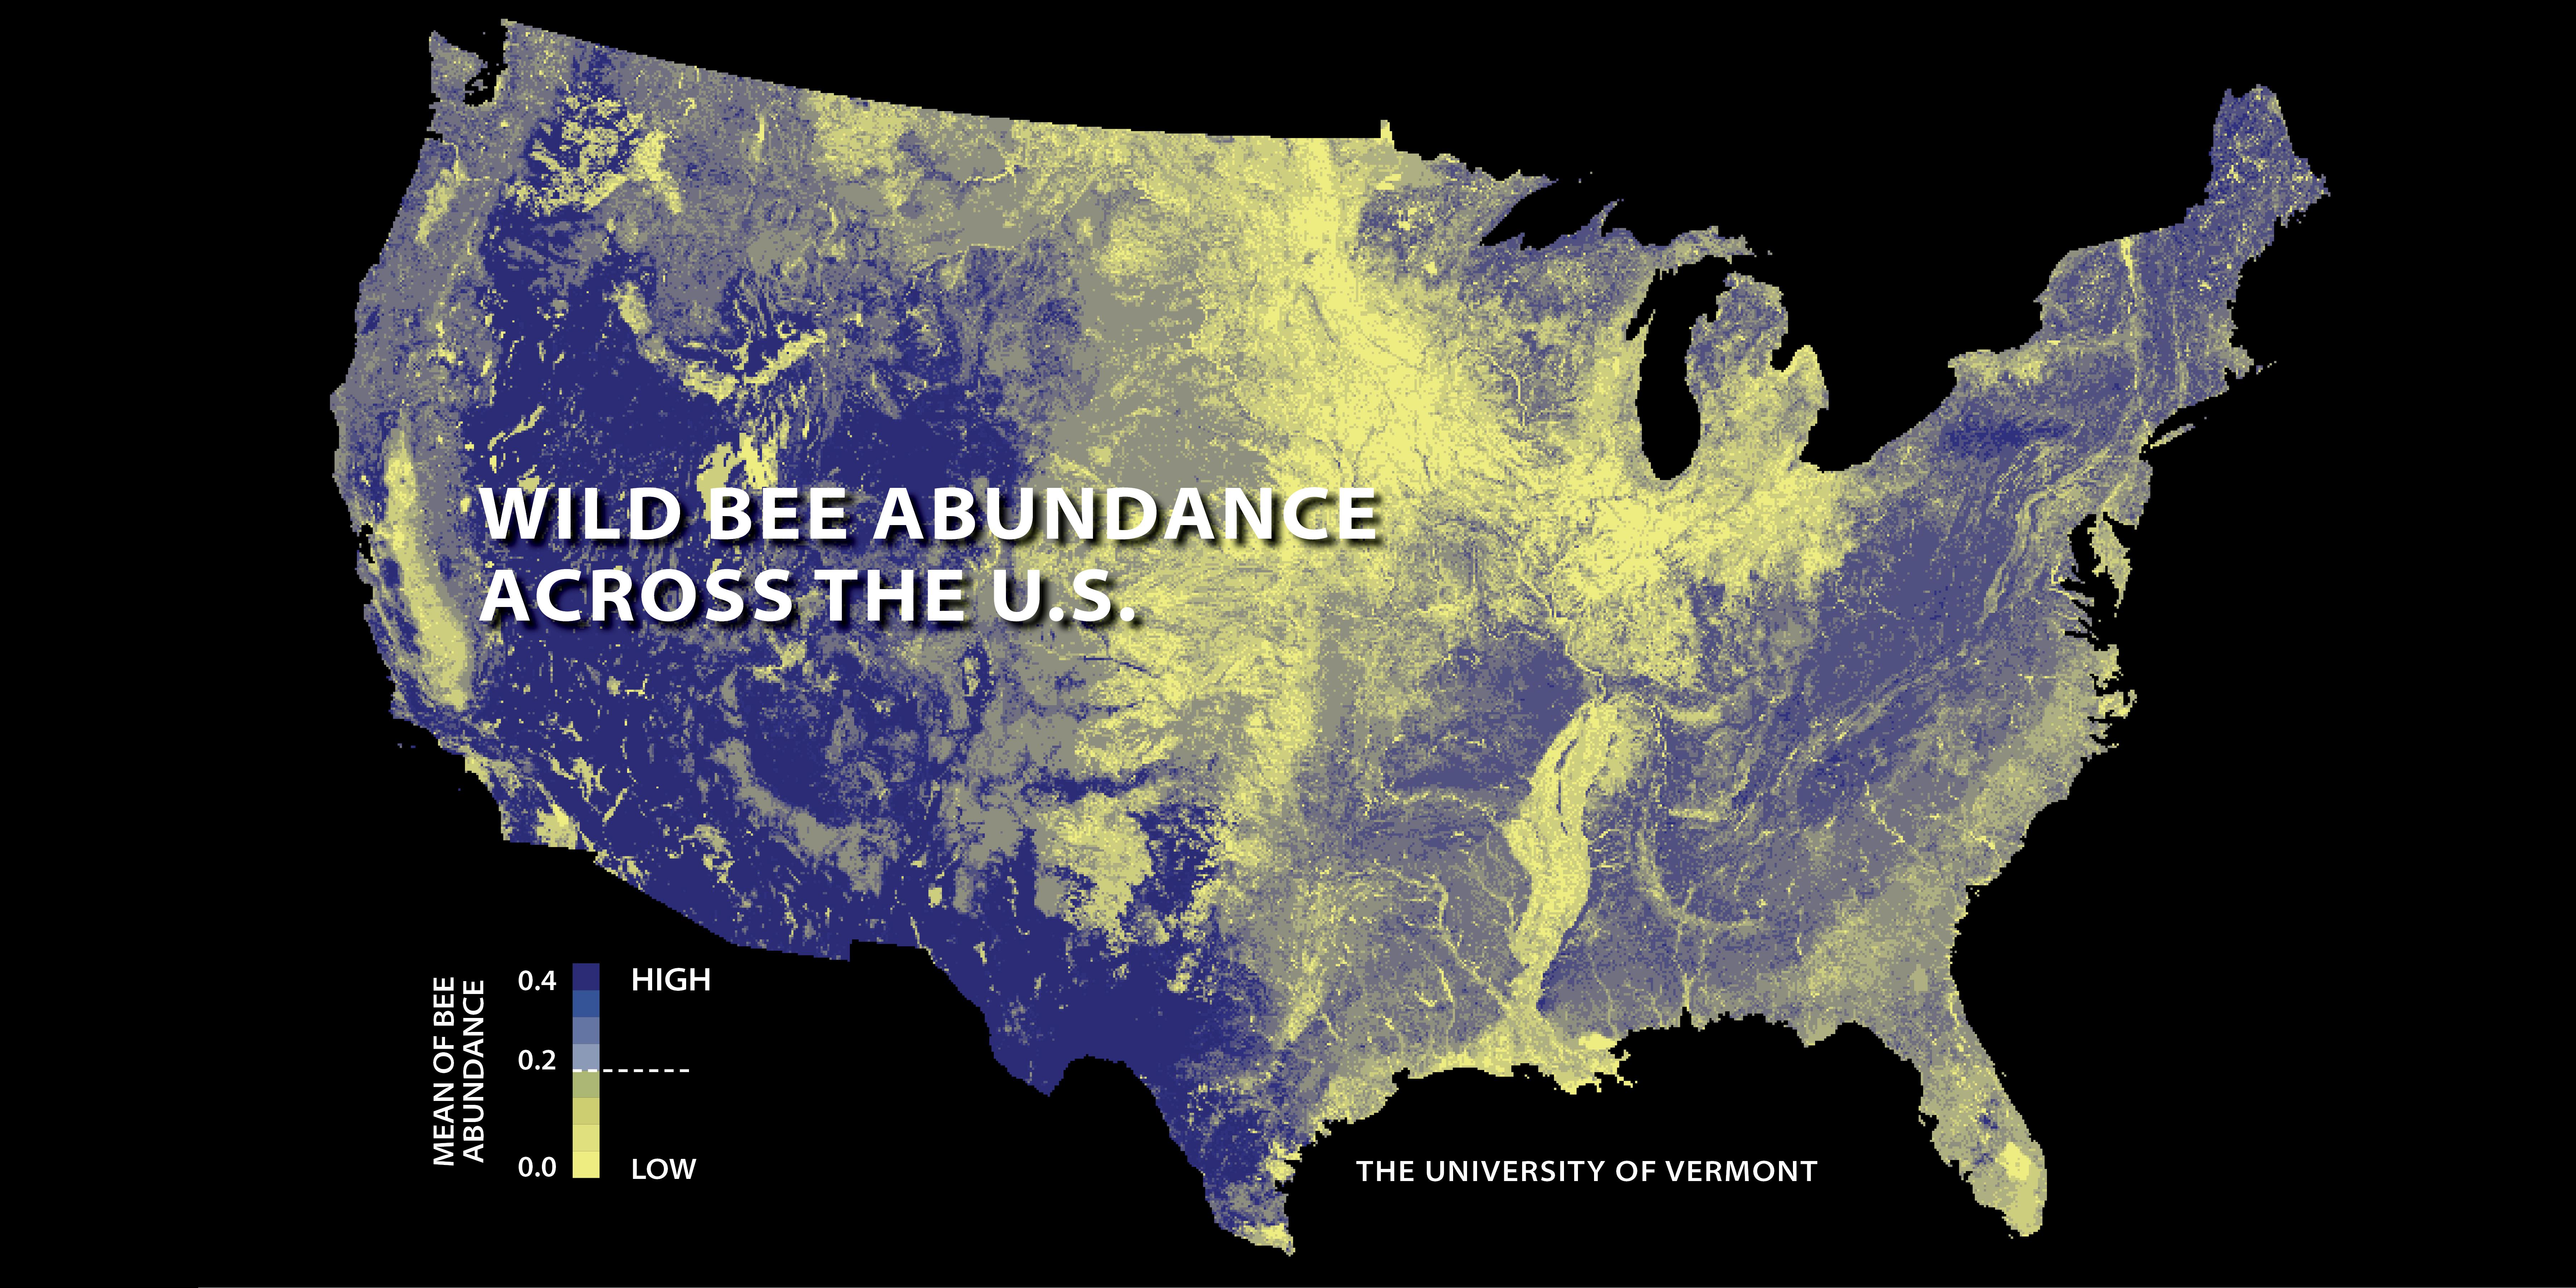 wild-bee-abundance-across-the-us_23525455359_o